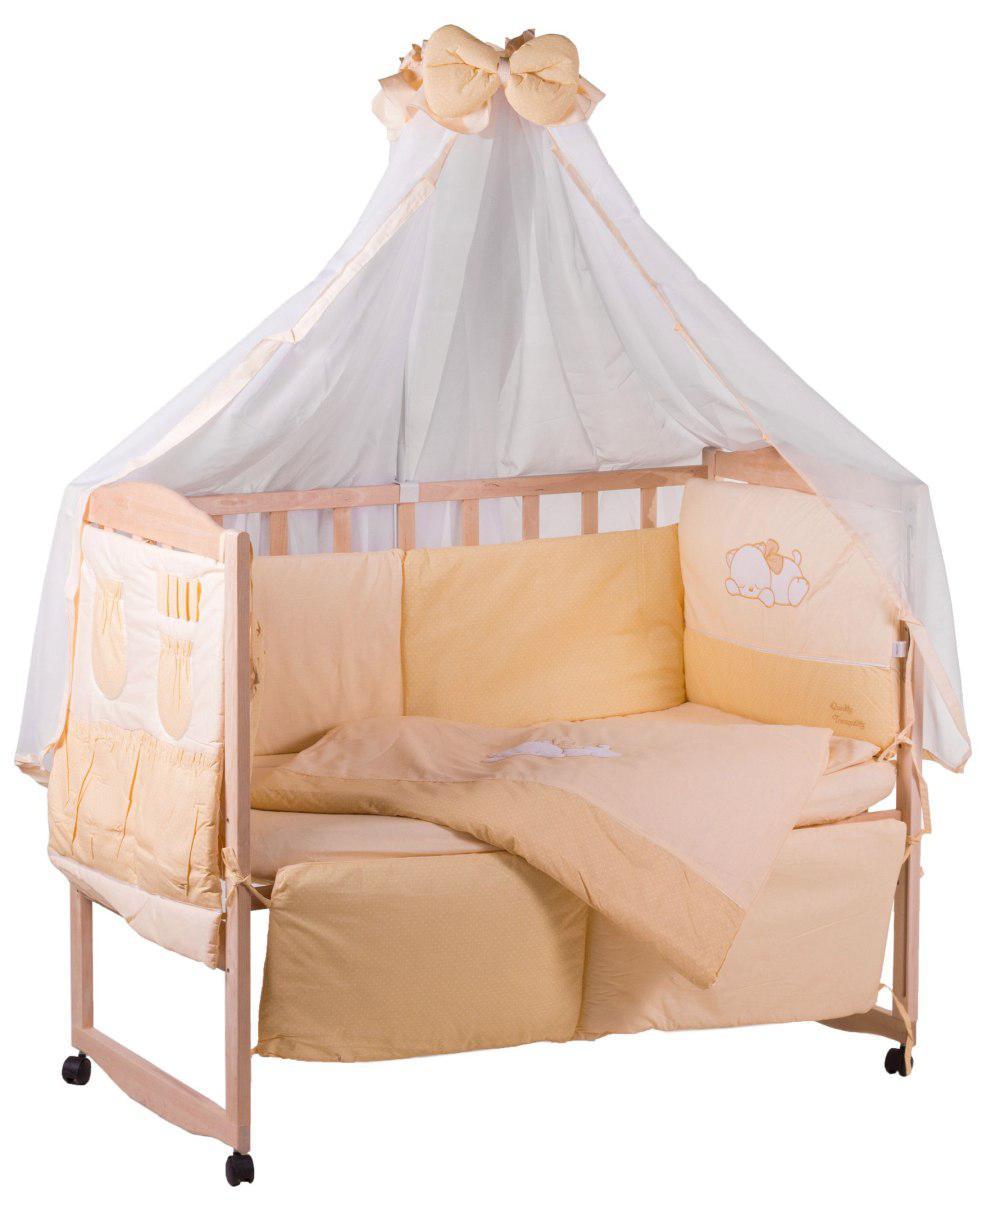 Детская постель Qvatro с аппликацией (8 элем.,со змейками на защите).  бежевый (кот спит)